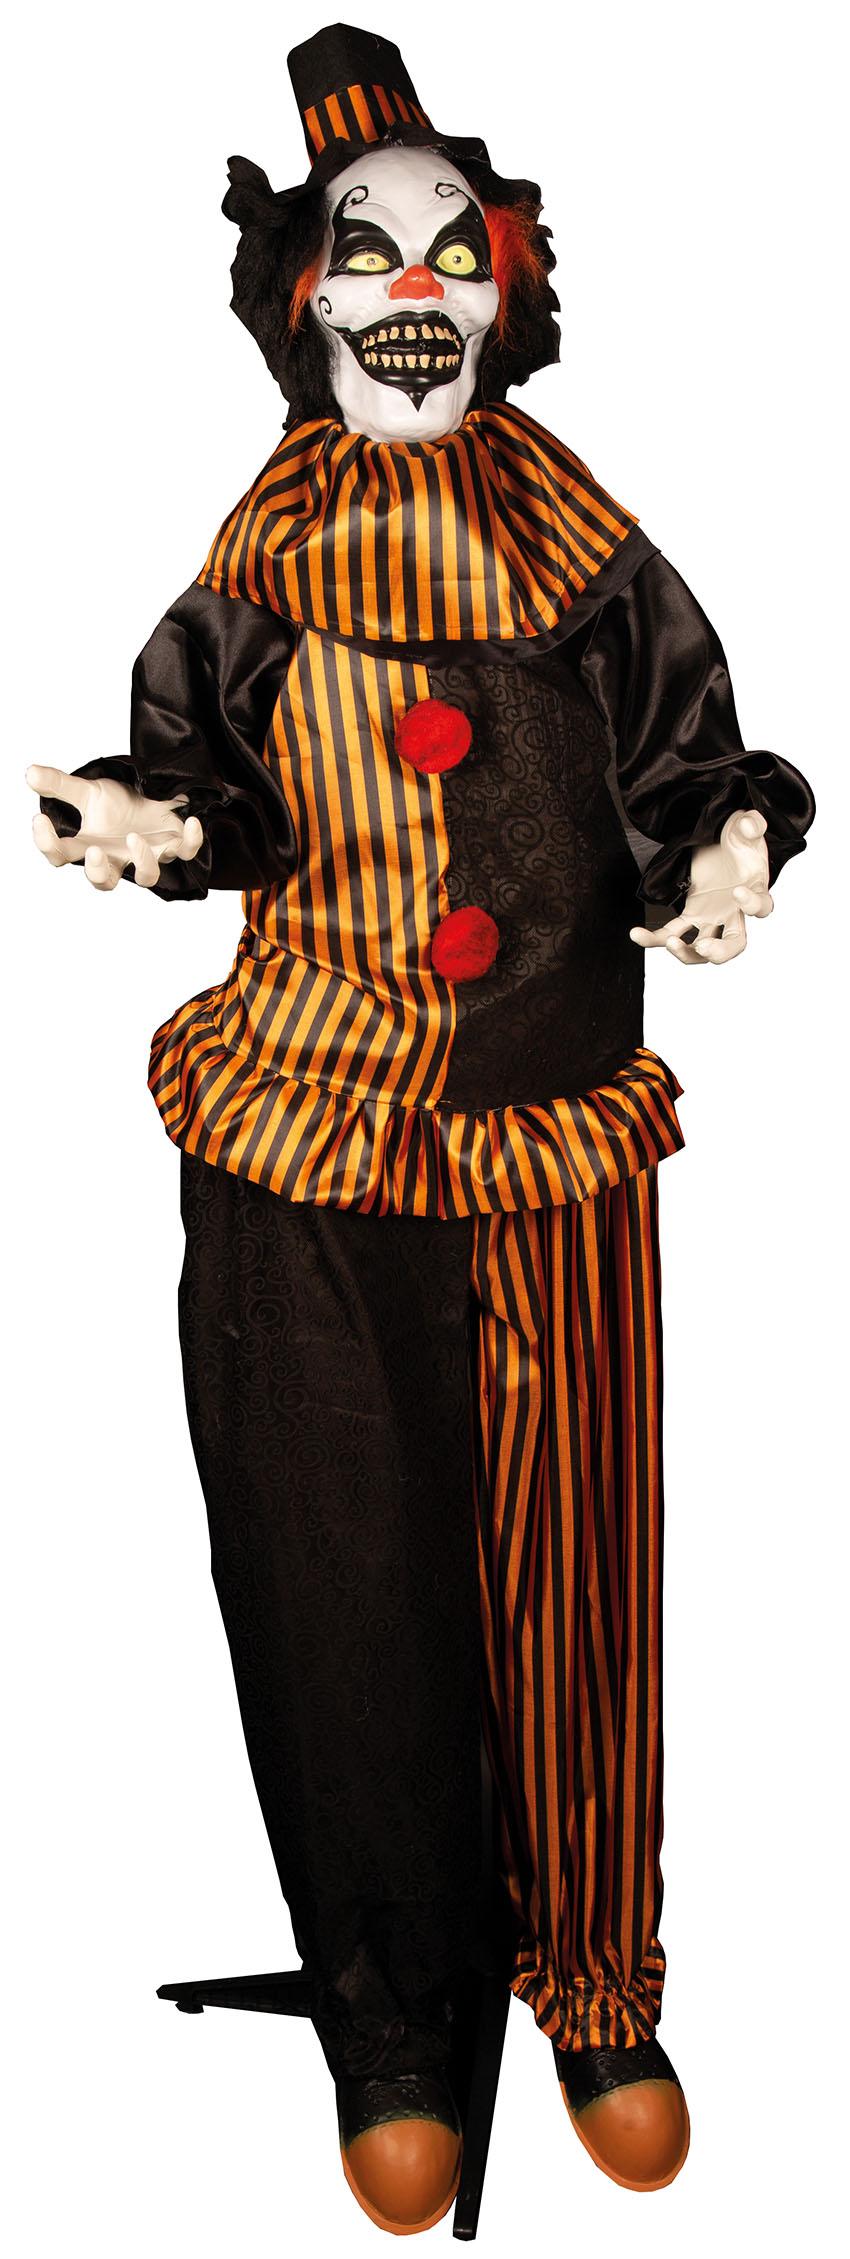 Deco Clown Staand Licht en Geluid 170cm